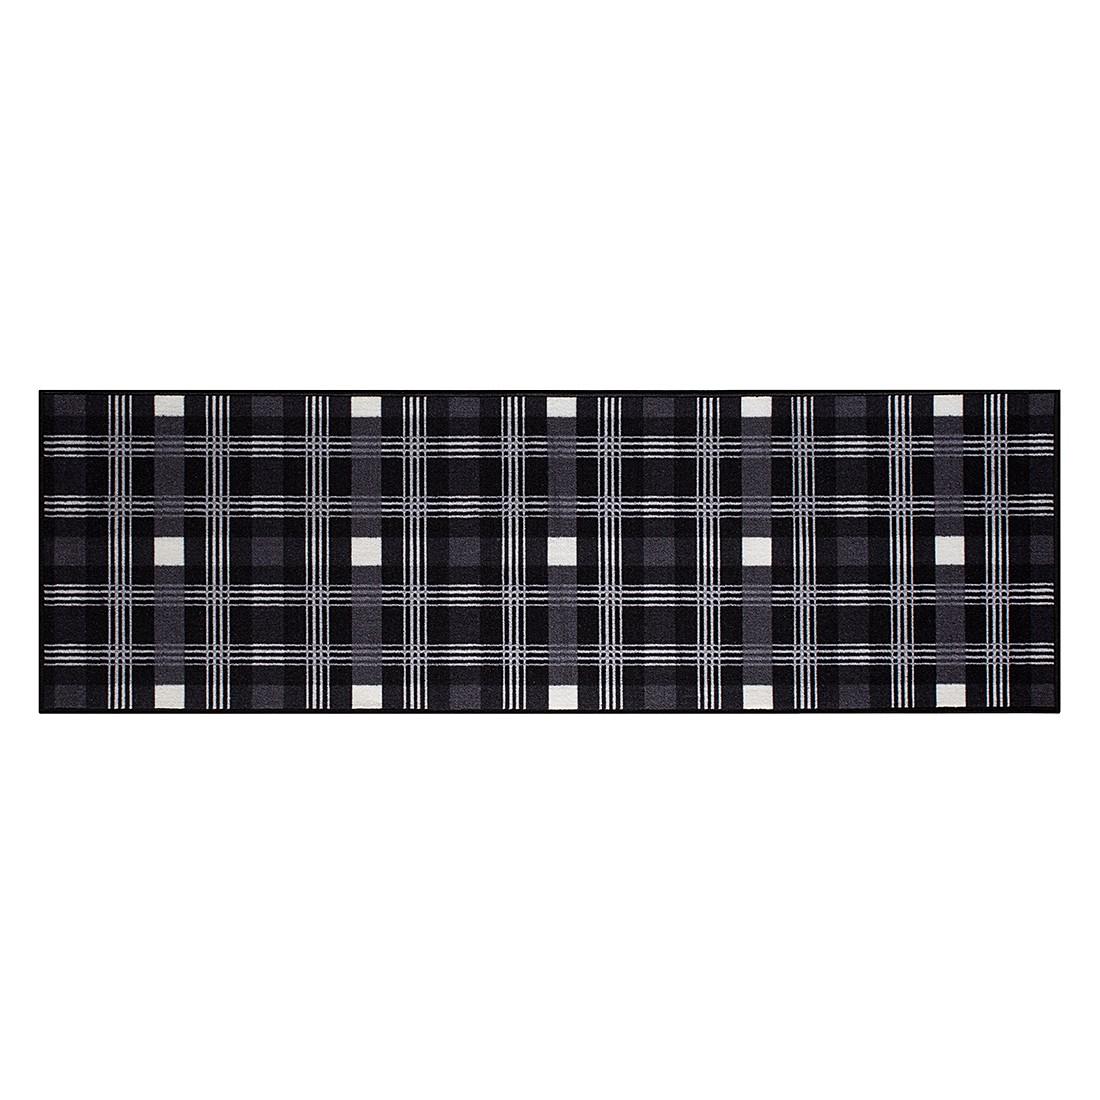 Teppich Parkland I – Schwarz / Weiß – 57 x 180 cm, andiamo online bestellen